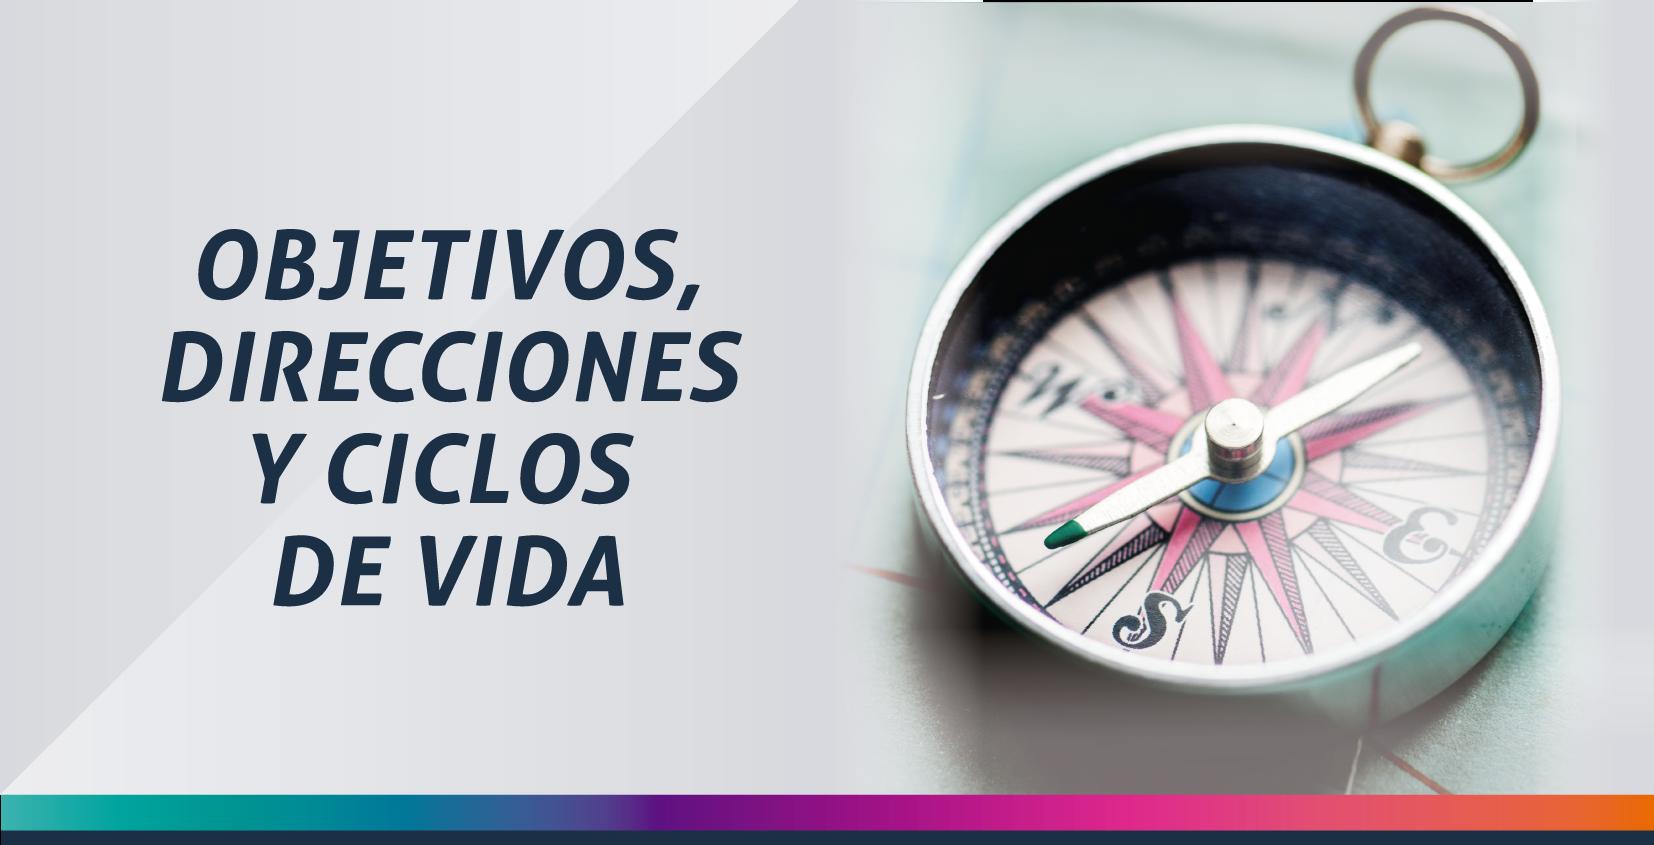 DIRECCIONES Y CICLOS DE VIDA